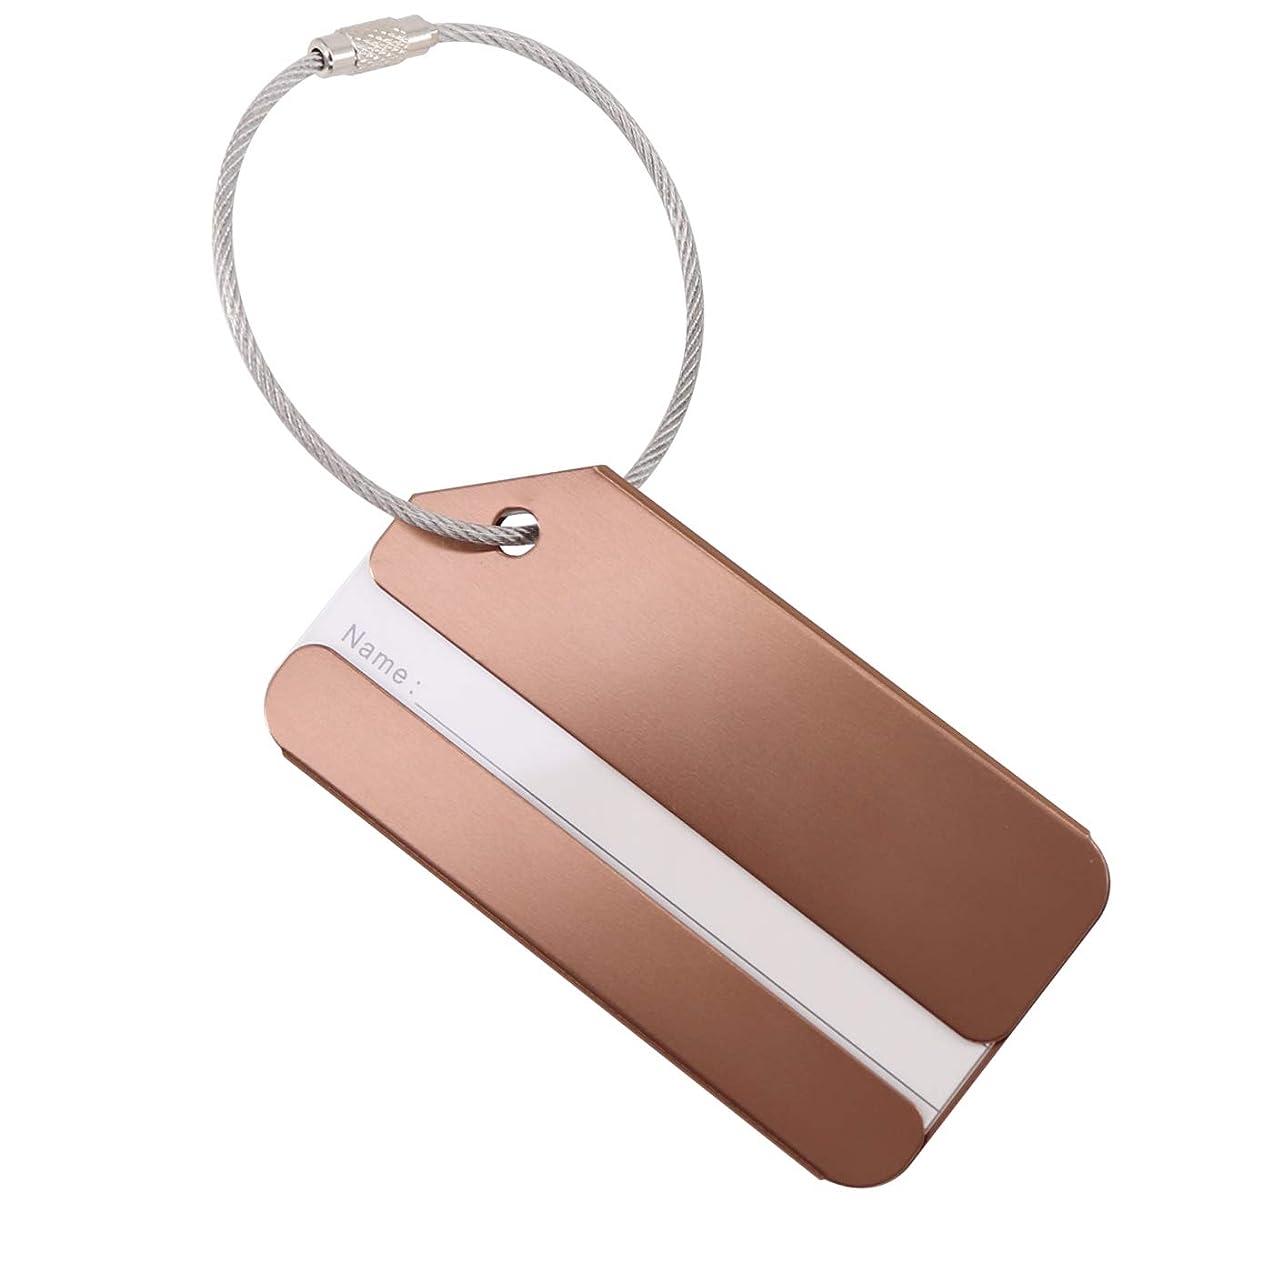 細いドレス時間アルミニウム合金 ネームタグ 出張旅行用名前入れ 軽量 防水シール付き 8色